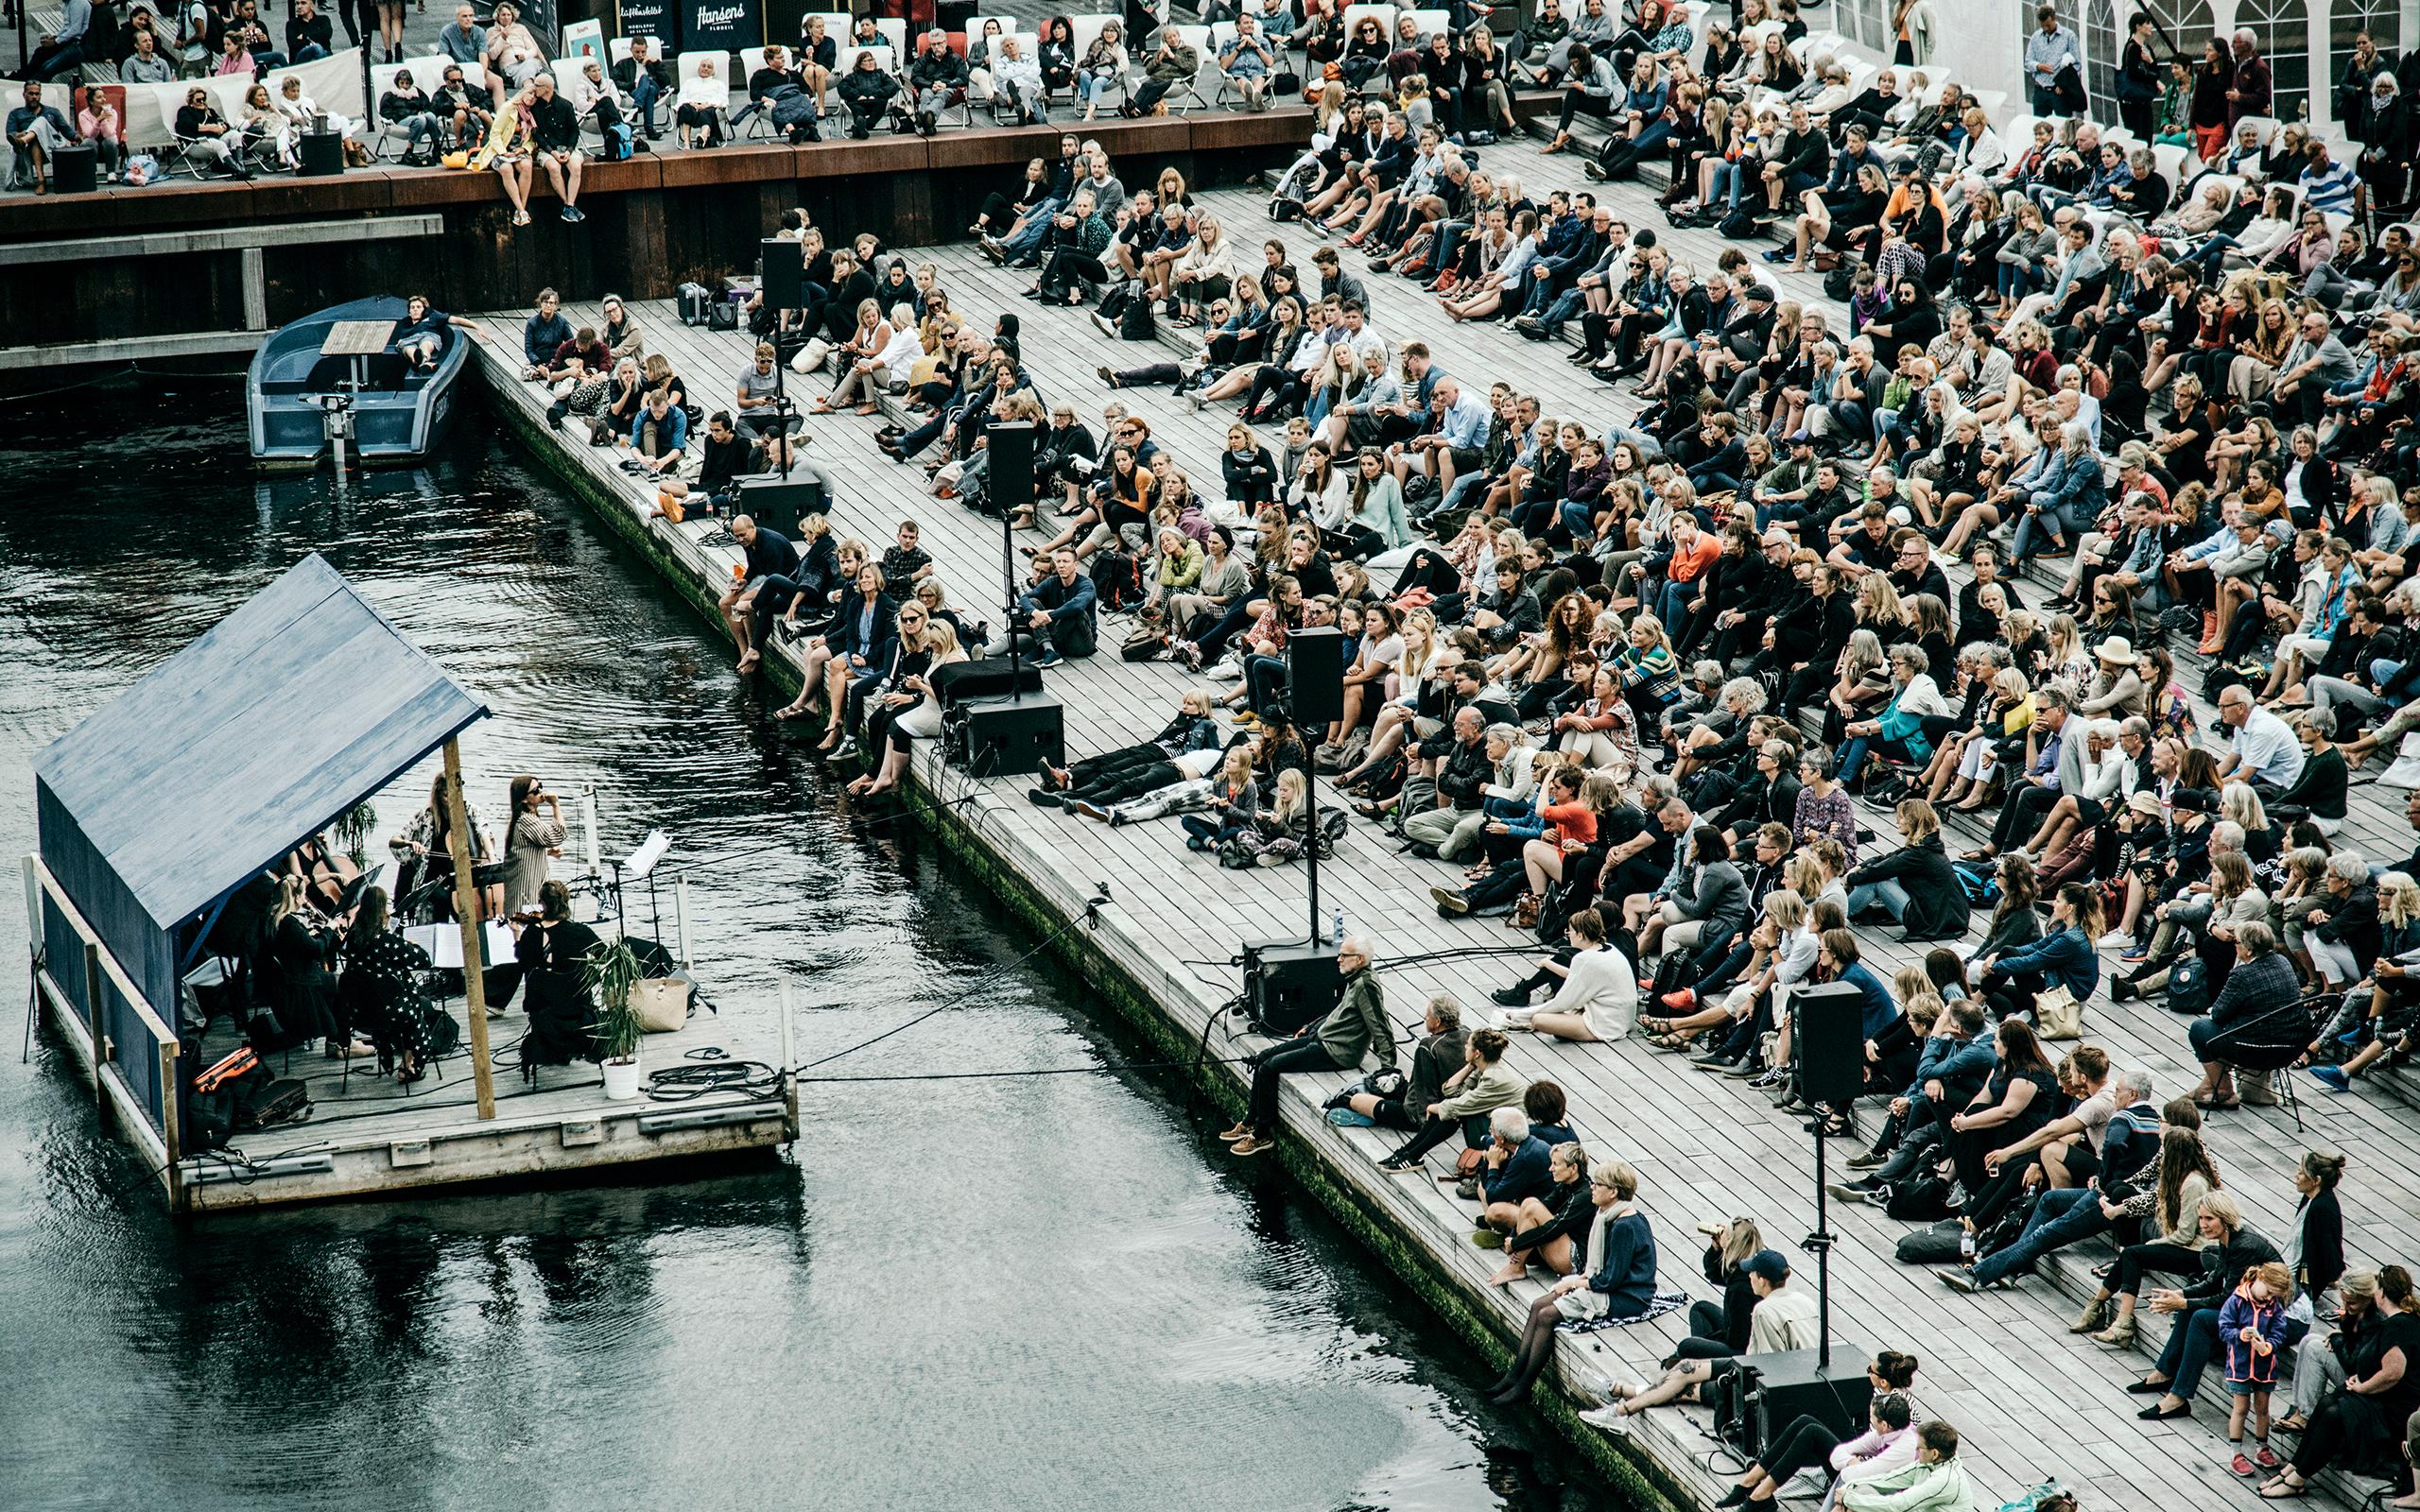 Menneskemængde ved koncert på en tømmerflåde ved Kyssetrappen på Ofelia Plads